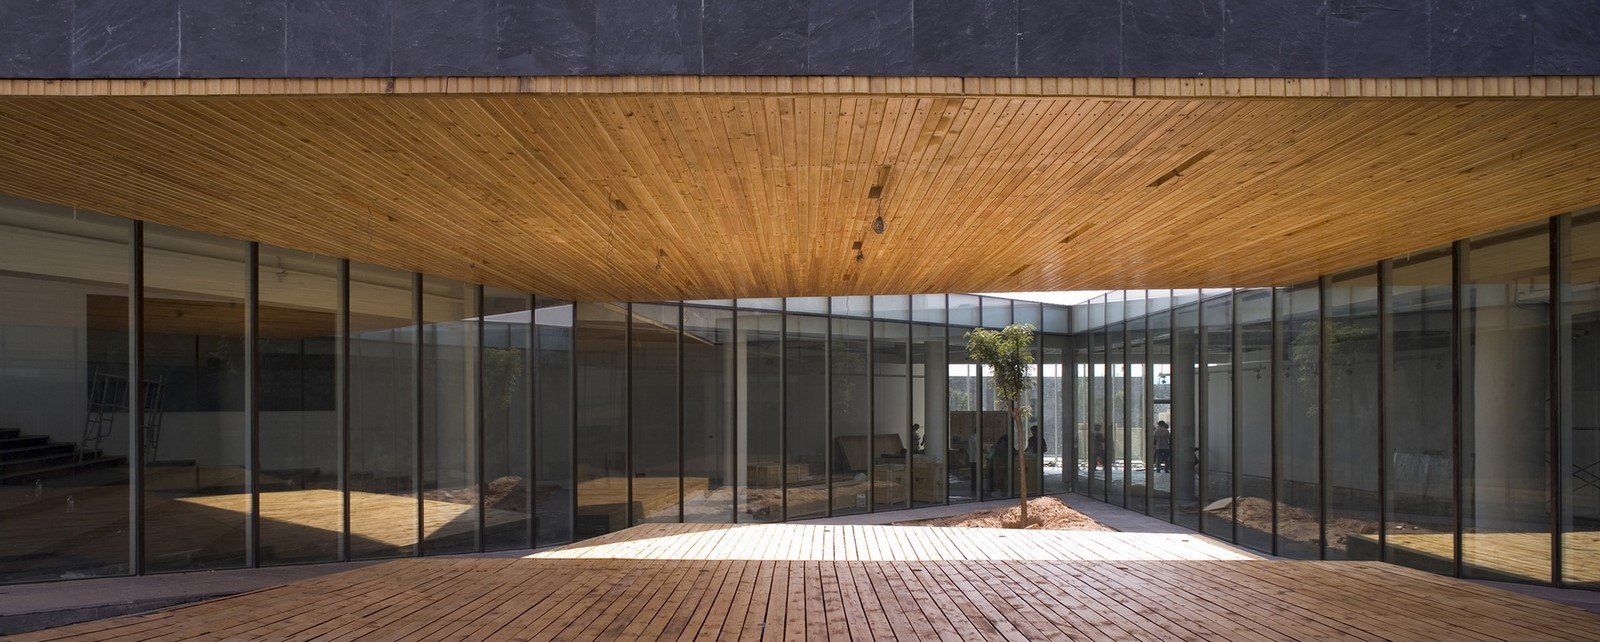 Ordos Art Museum (2007) - Sheet3